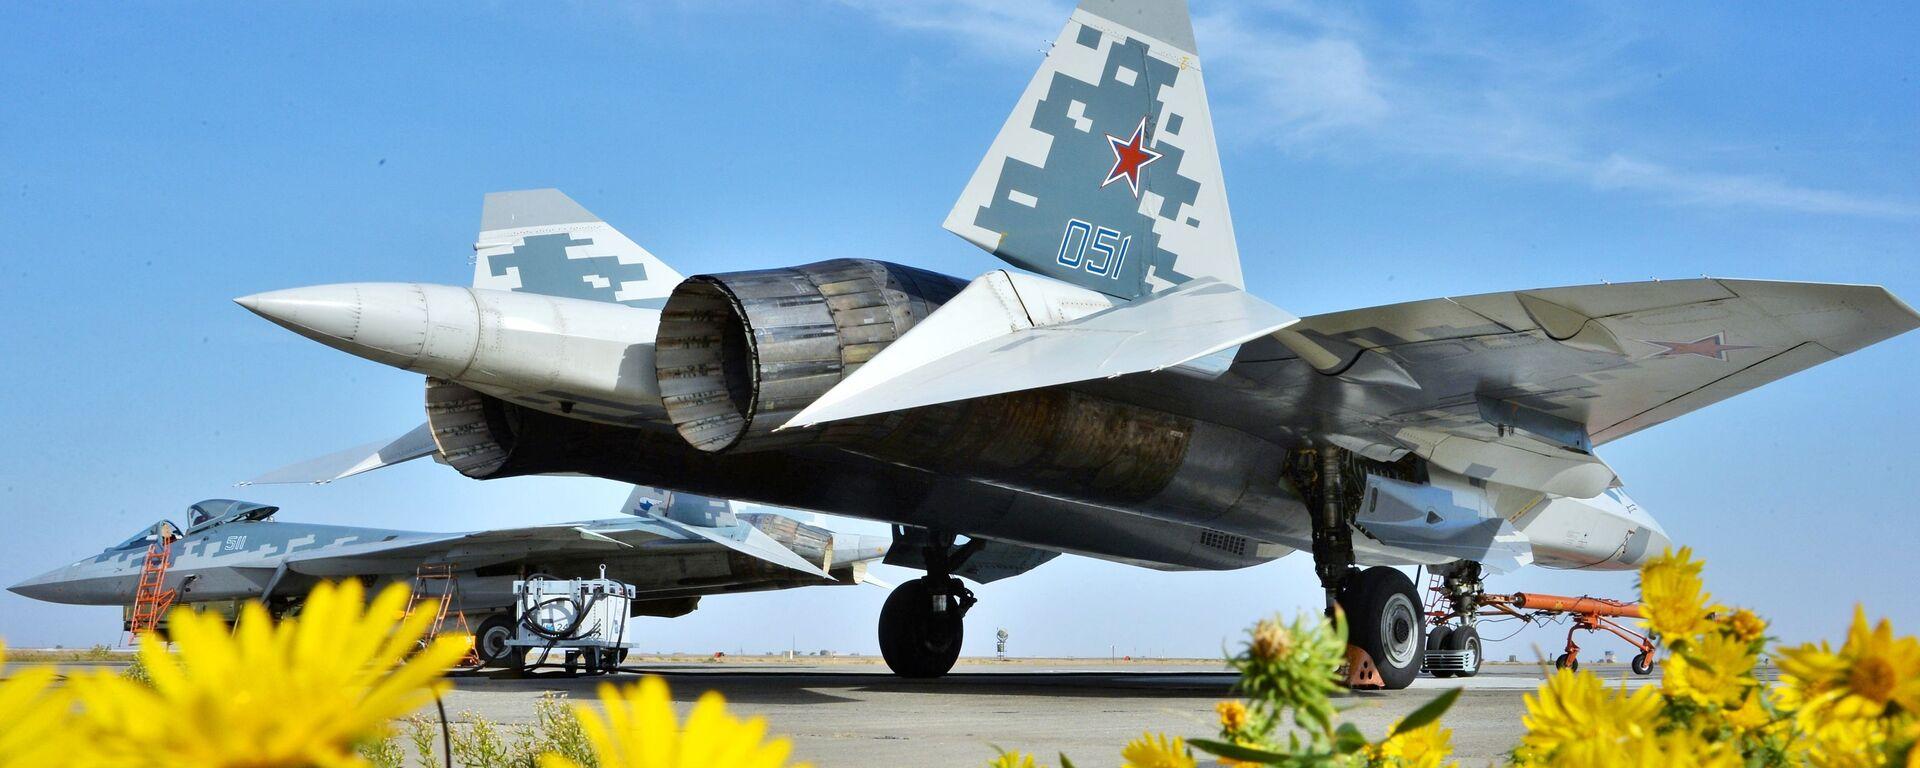 Многофункциональный истребитель пятого поколения Су-57 - Sputnik Латвия, 1920, 02.07.2021